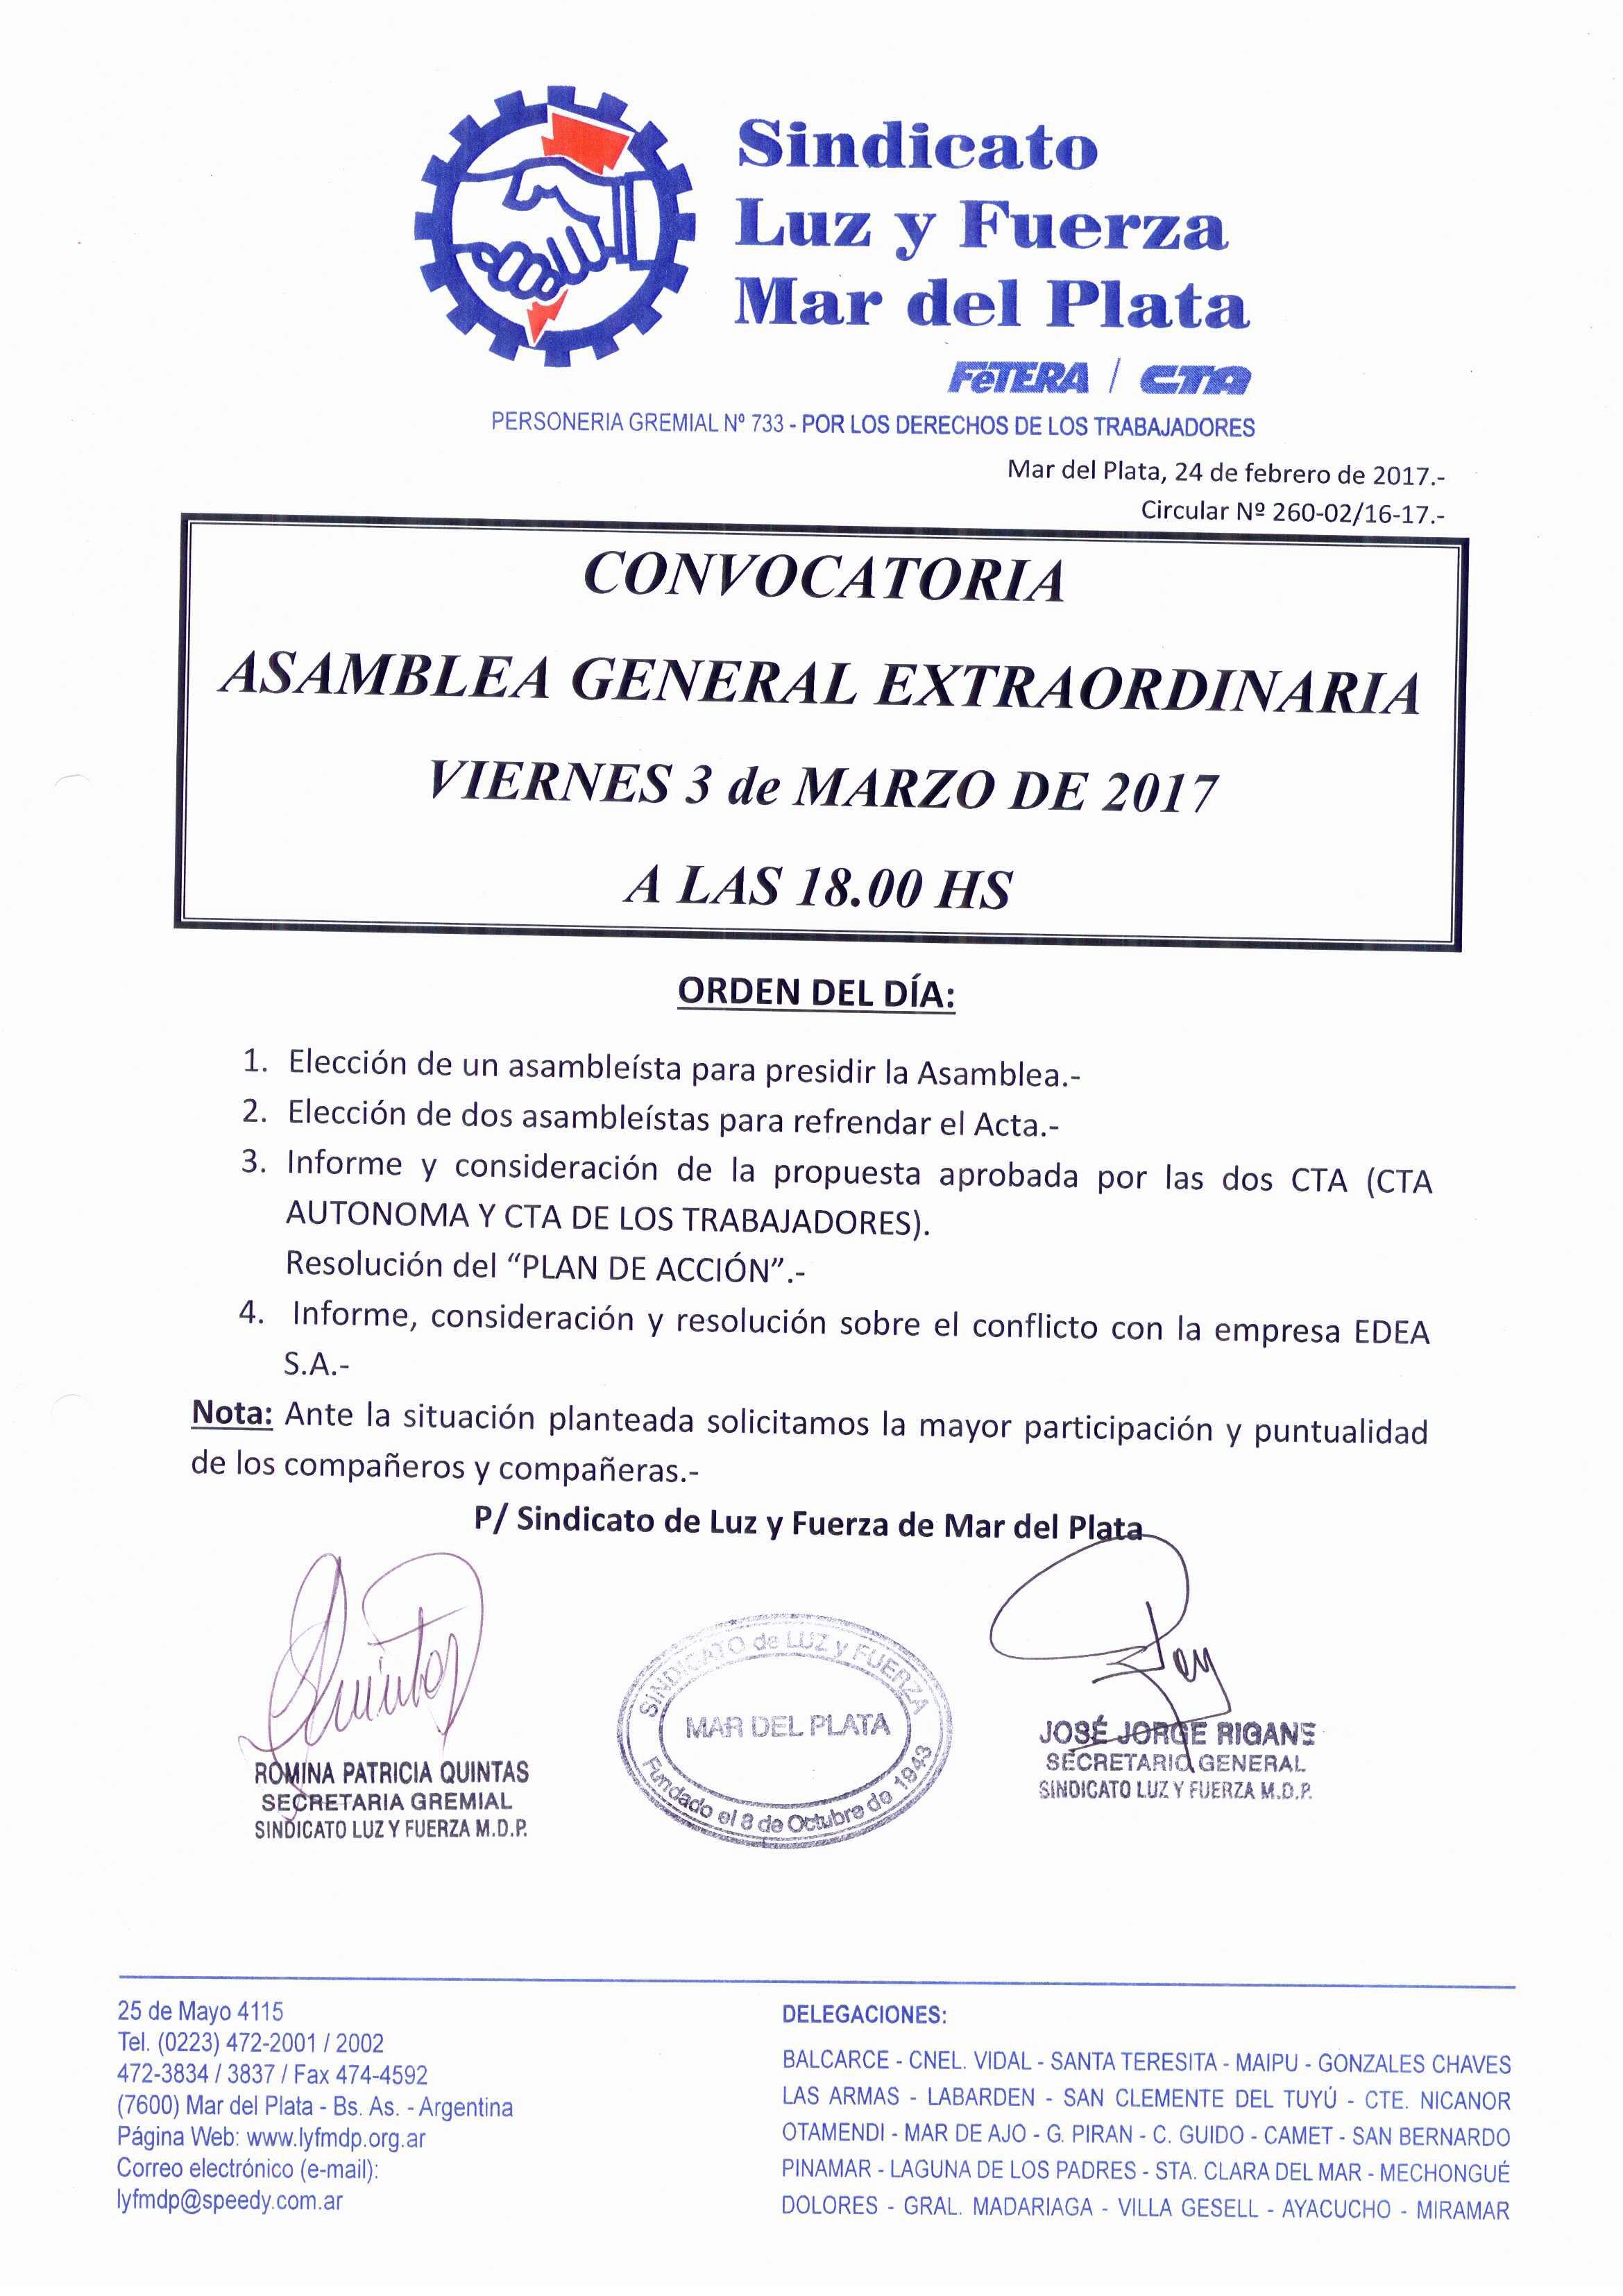 VIERNES 3 DE MARZO DE 2017: ASAMBLEA GENERAL EXTRAORDINARIA